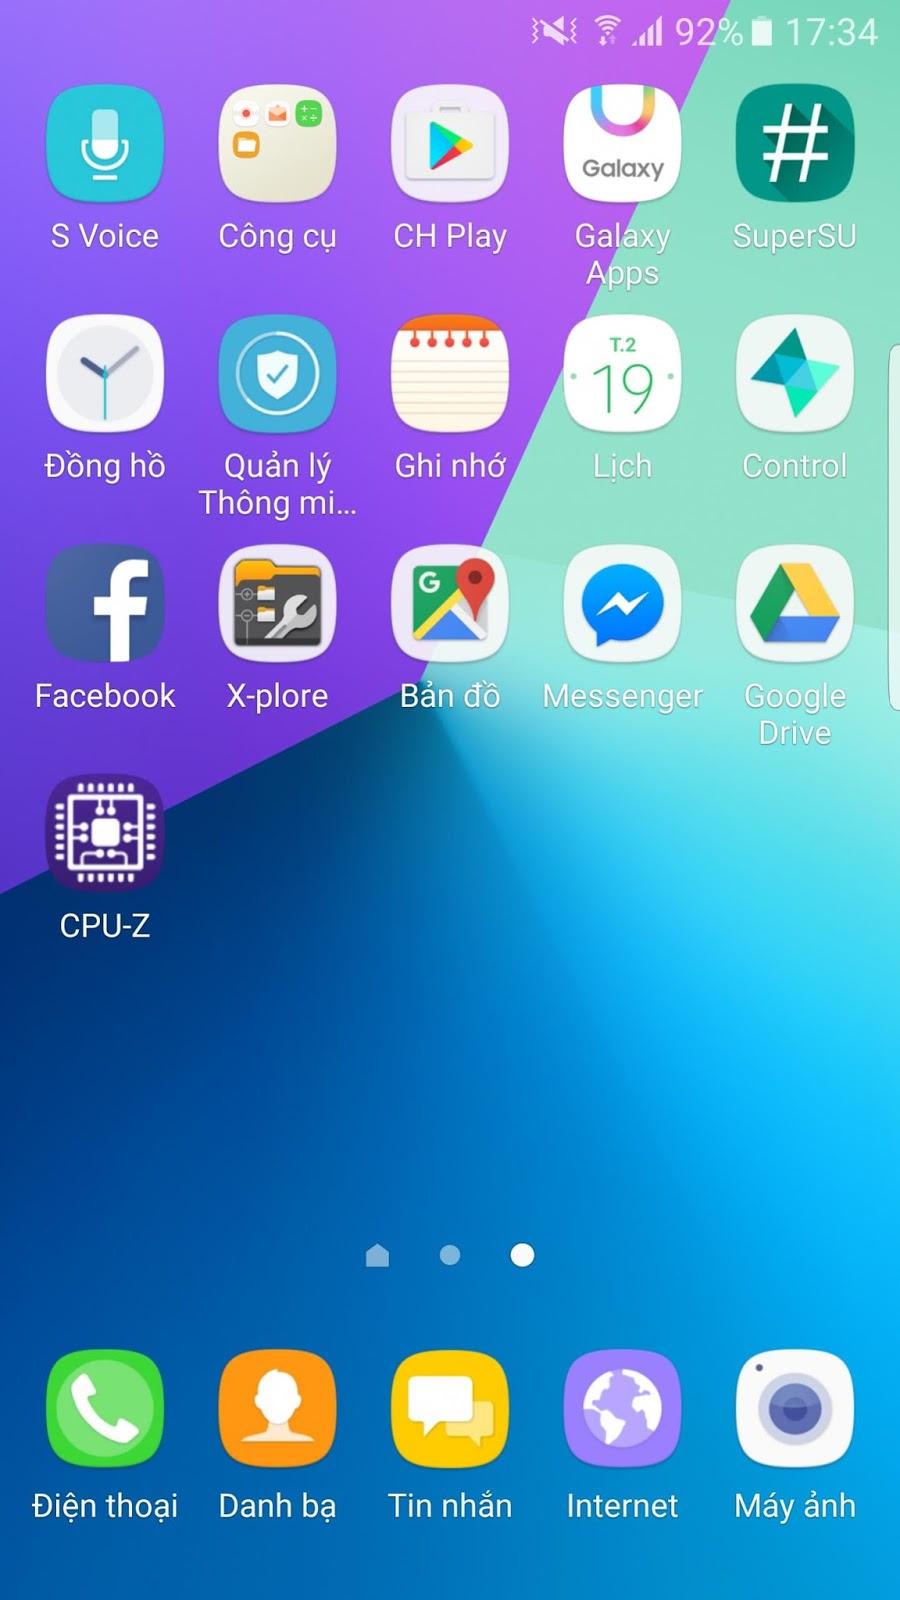 Samsung s5 [Rom][6 0 1] C9 Pro Port For G906SLK - test